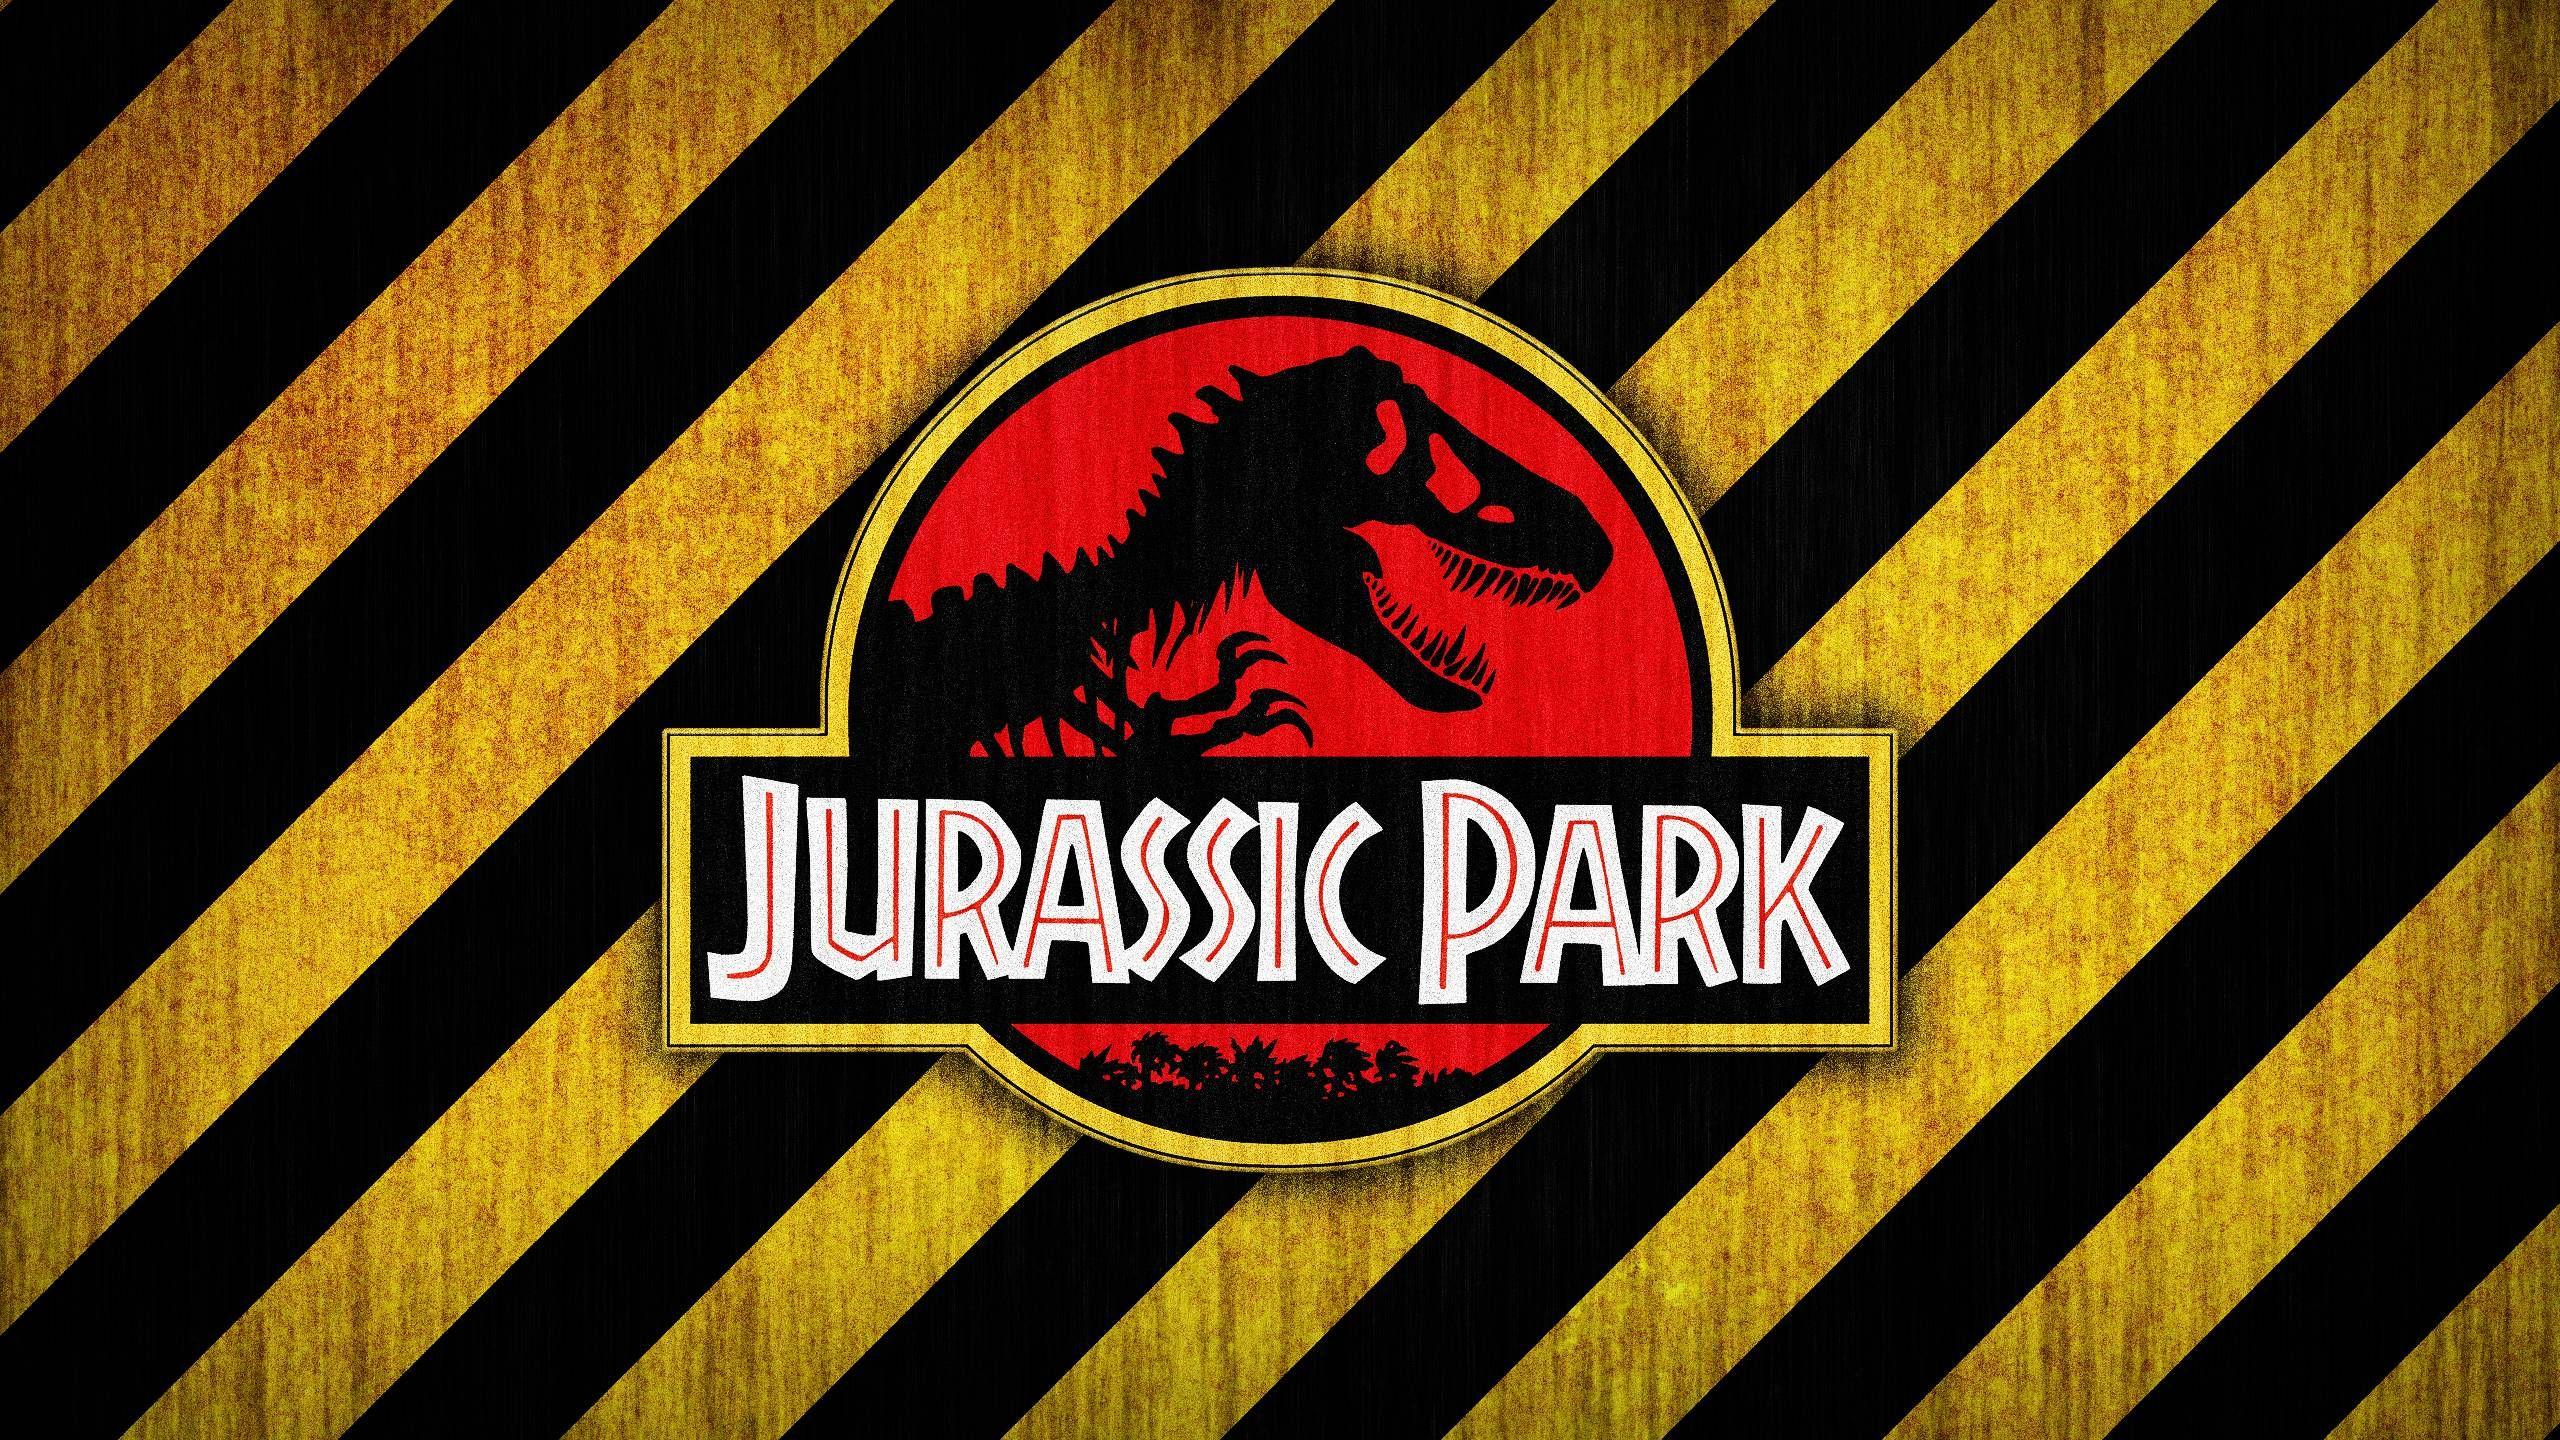 Jurassic Park Computer Wallpapers Desktop Backgrounds 1920 1080 Jurassic Park 4 Wallpapers 44 Wallpa Fiesta De Parque Jurasico Parque Jurasico Jurassic World